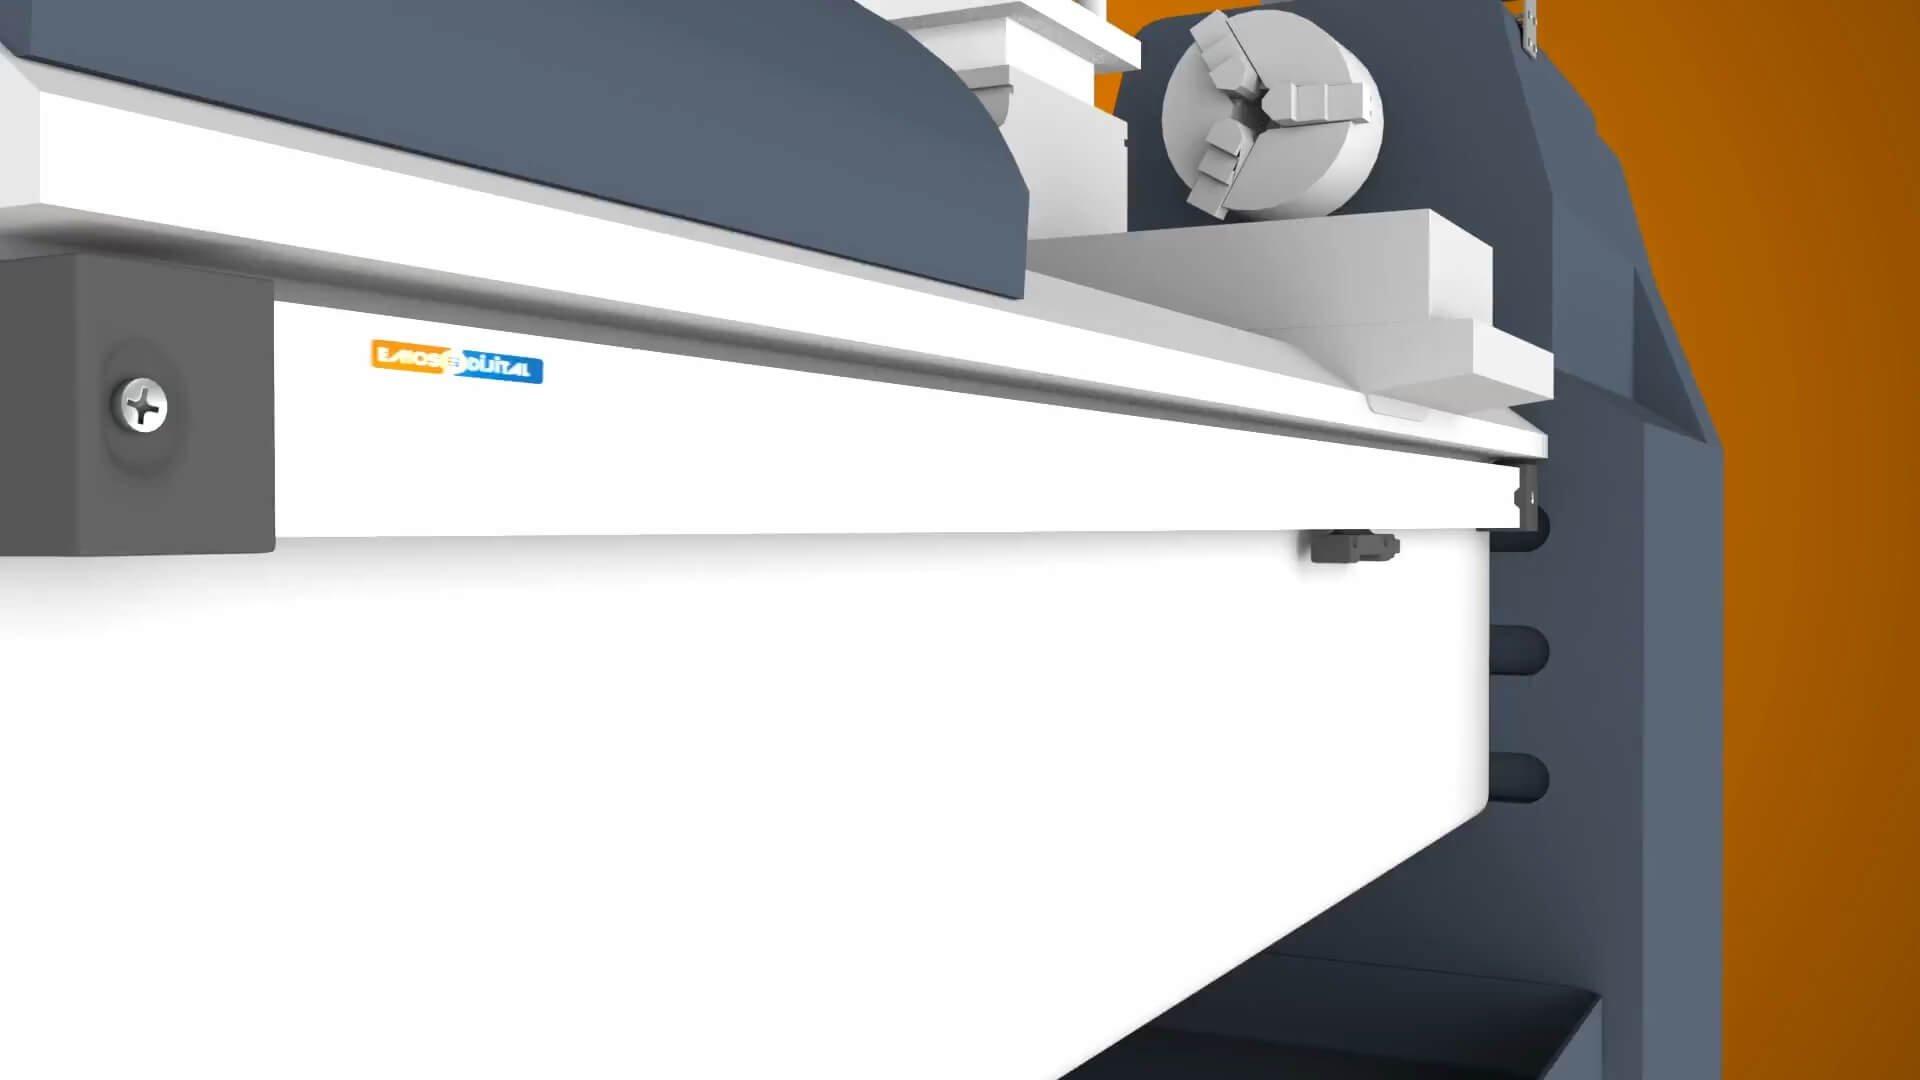 Emos Marketing 2D3D Hibrit Torna Tezgahı Filmi 8 1920x1080 - Emos Marketing 2D+3D Hibrit Torna Tezgahı Tanıtım Filmi